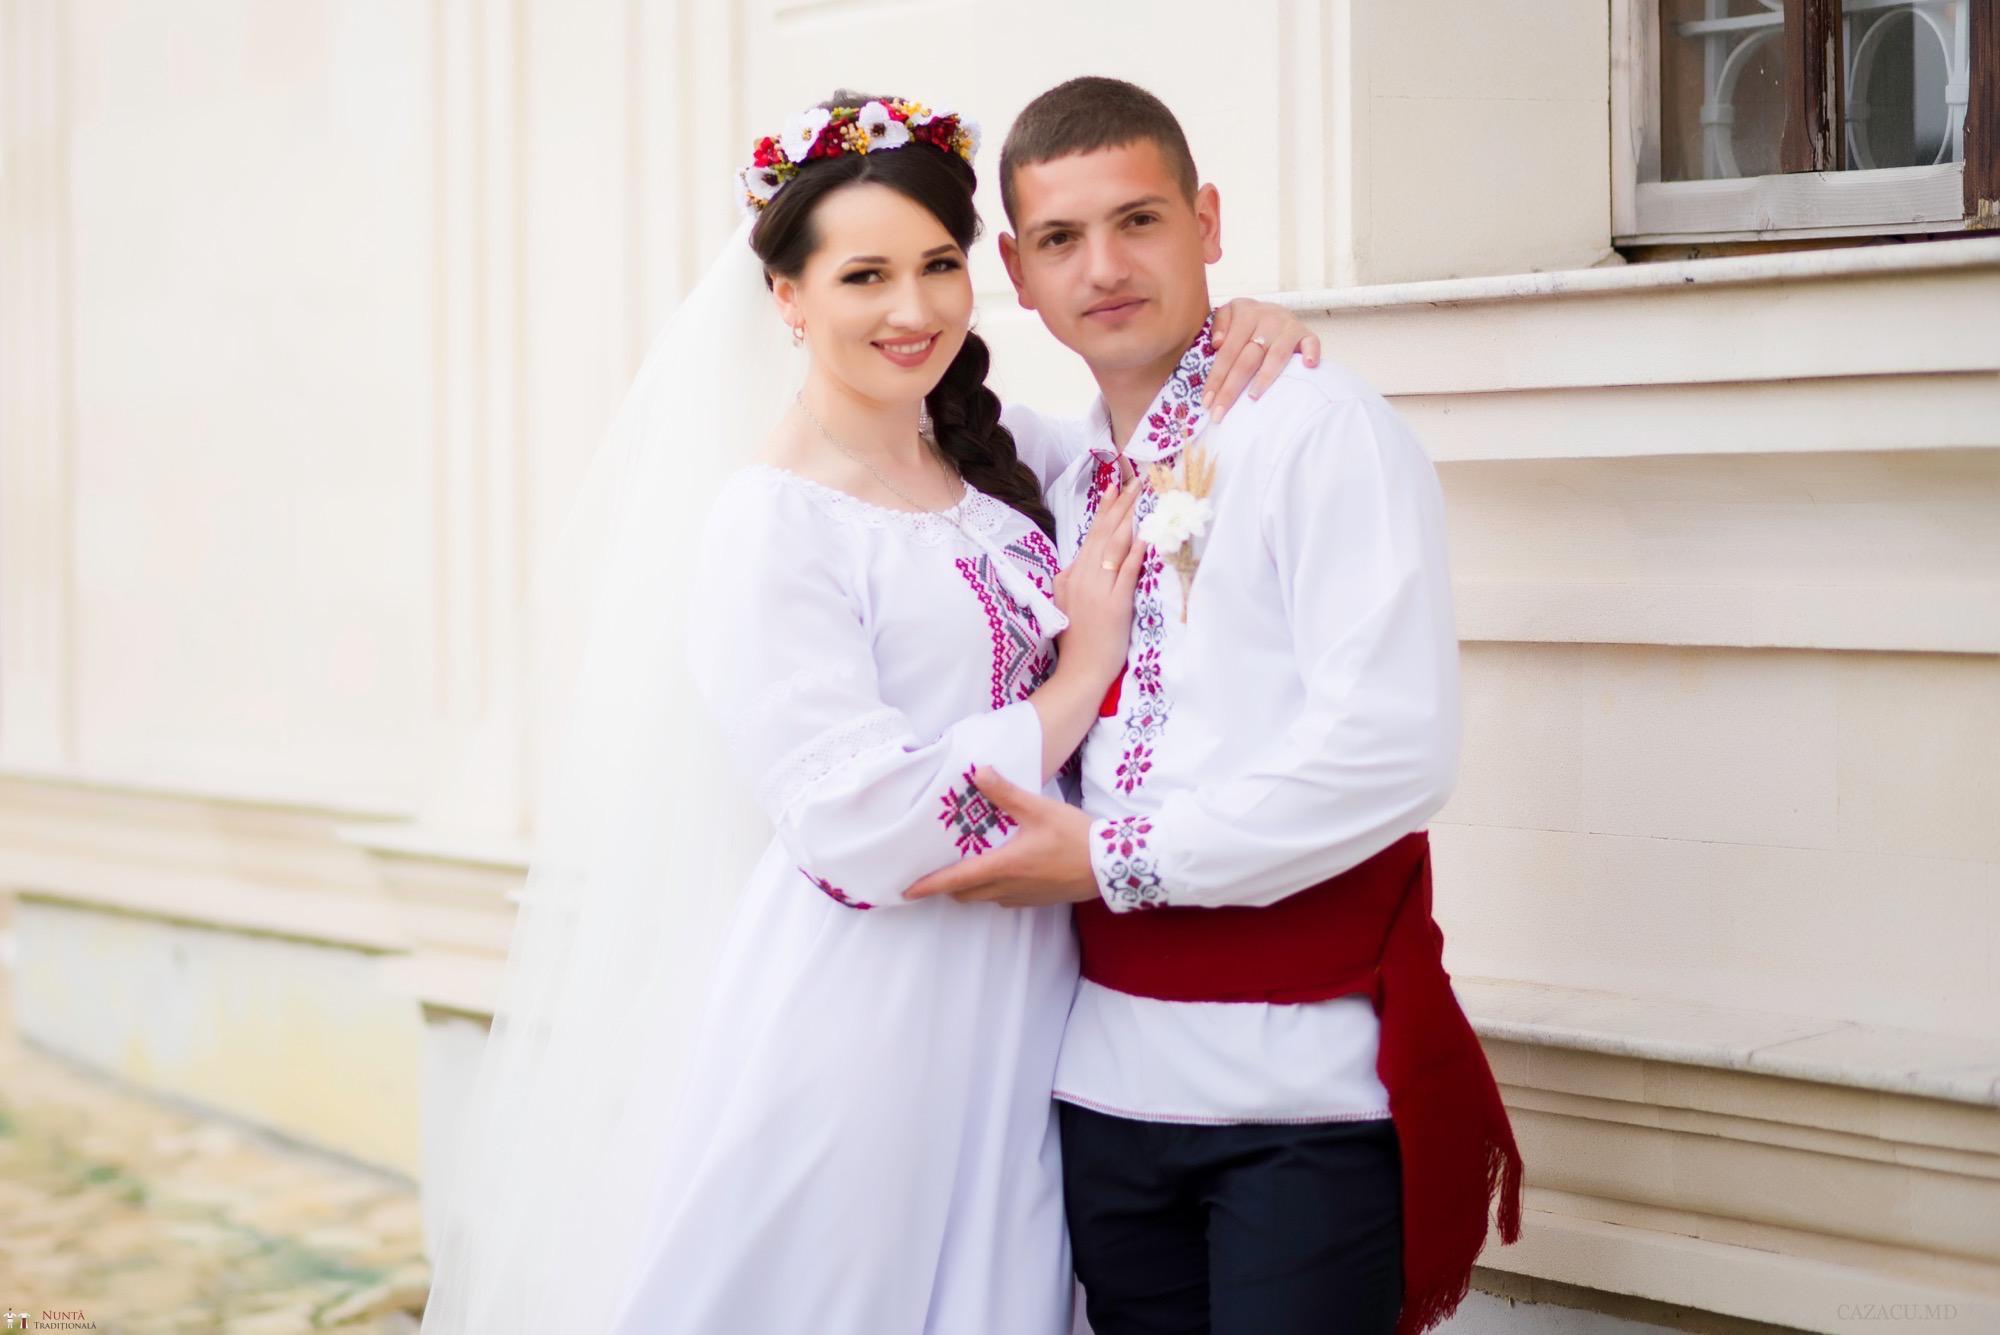 Povești Nunți Tradiționale - Mihaela și Andrei. Nuntă tradițională în Orheiul Vechi, Republica Moldova. 1